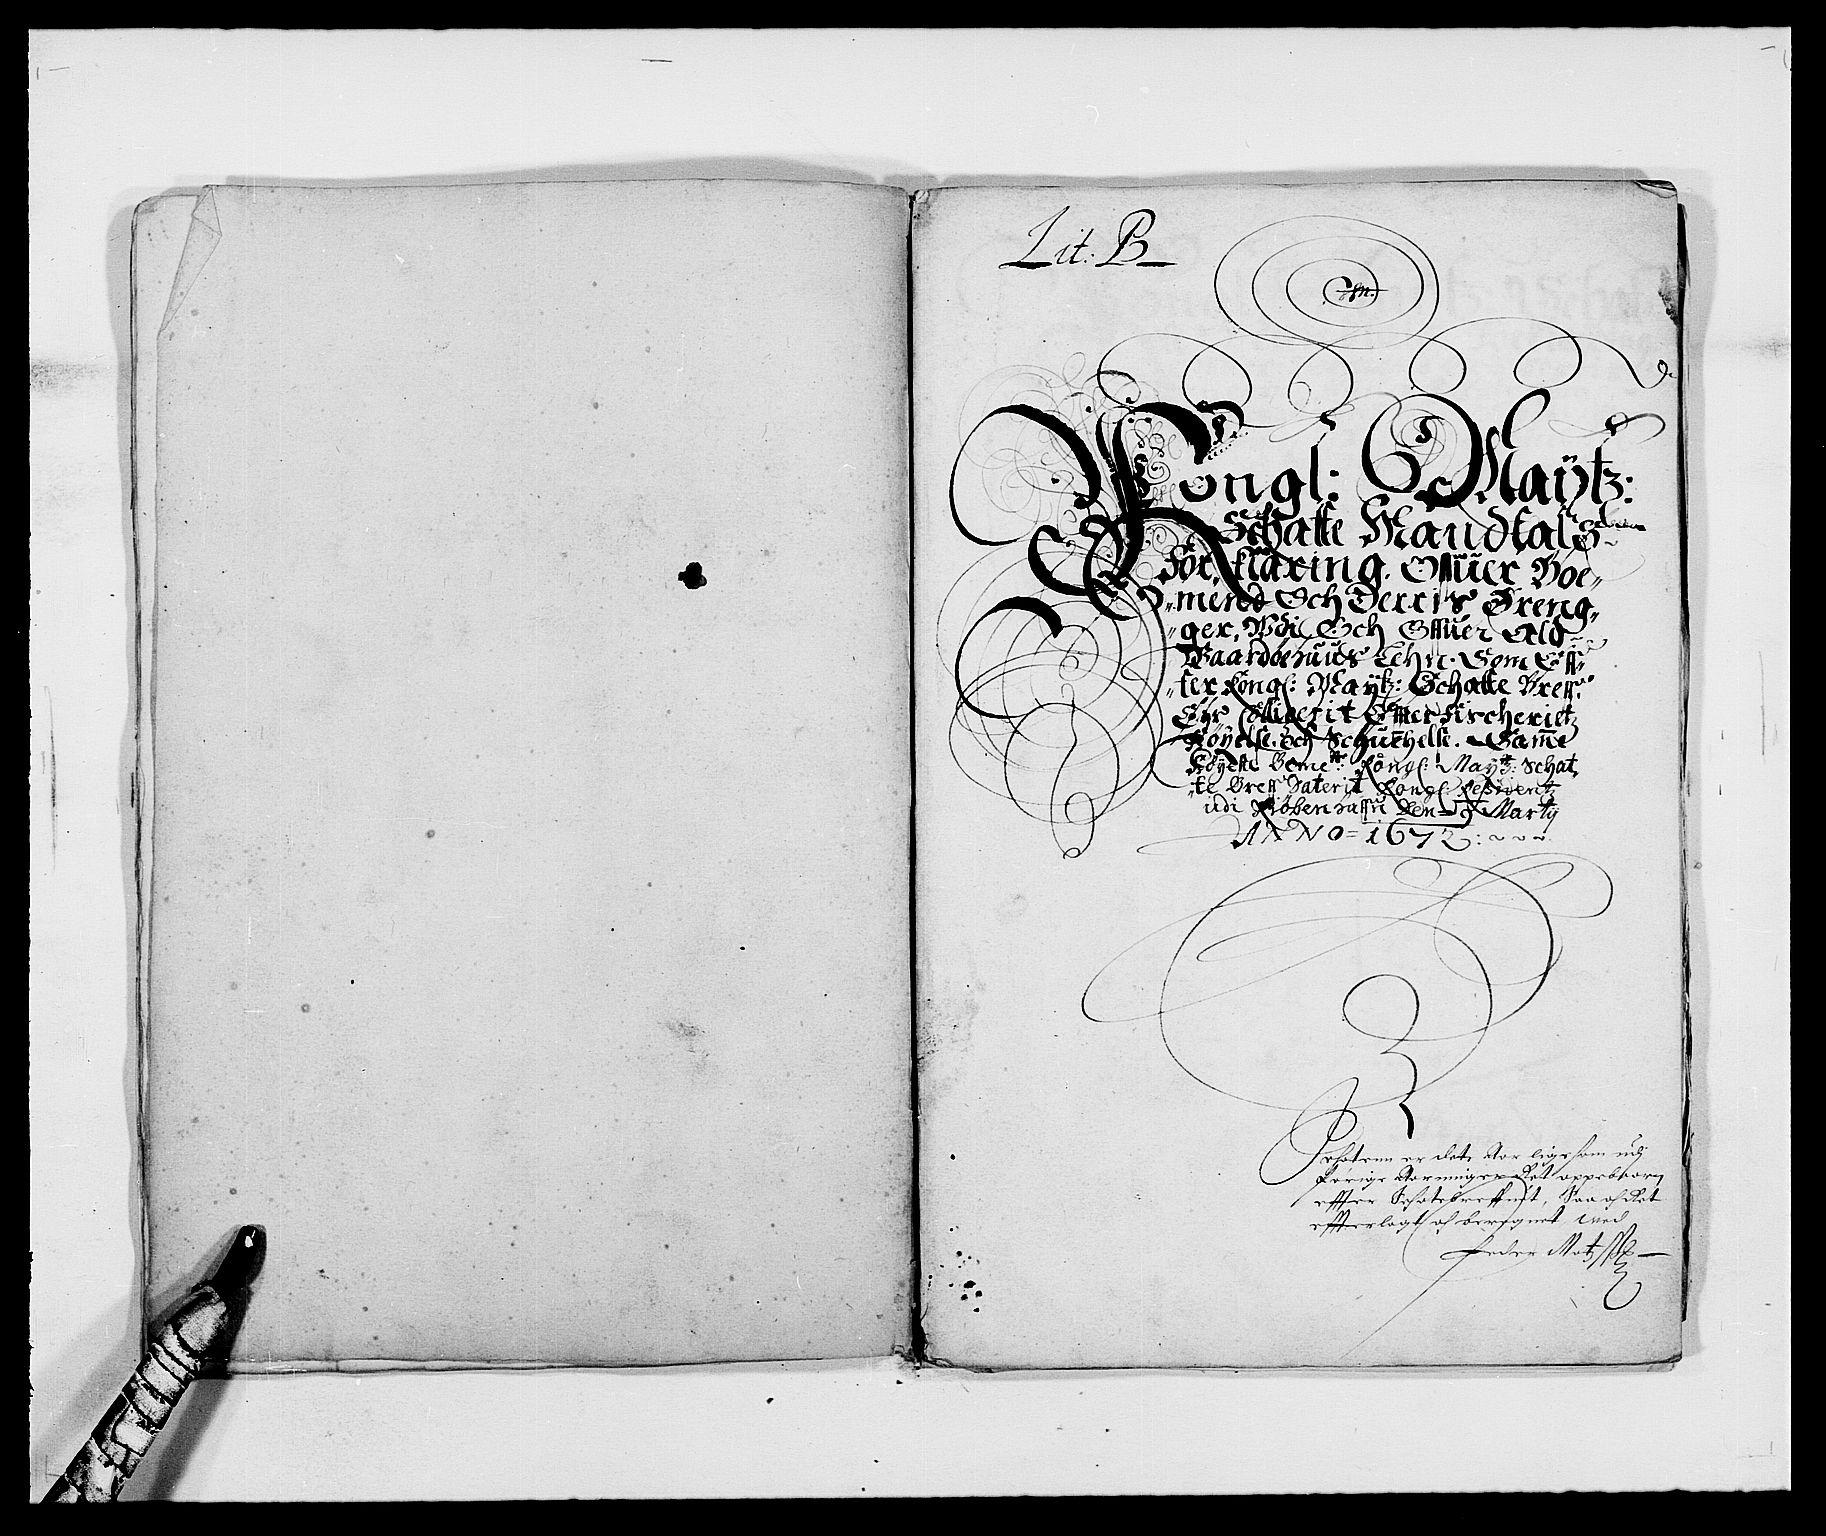 RA, Rentekammeret inntil 1814, Reviderte regnskaper, Fogderegnskap, R69/L4849: Fogderegnskap Finnmark/Vardøhus, 1661-1679, s. 241